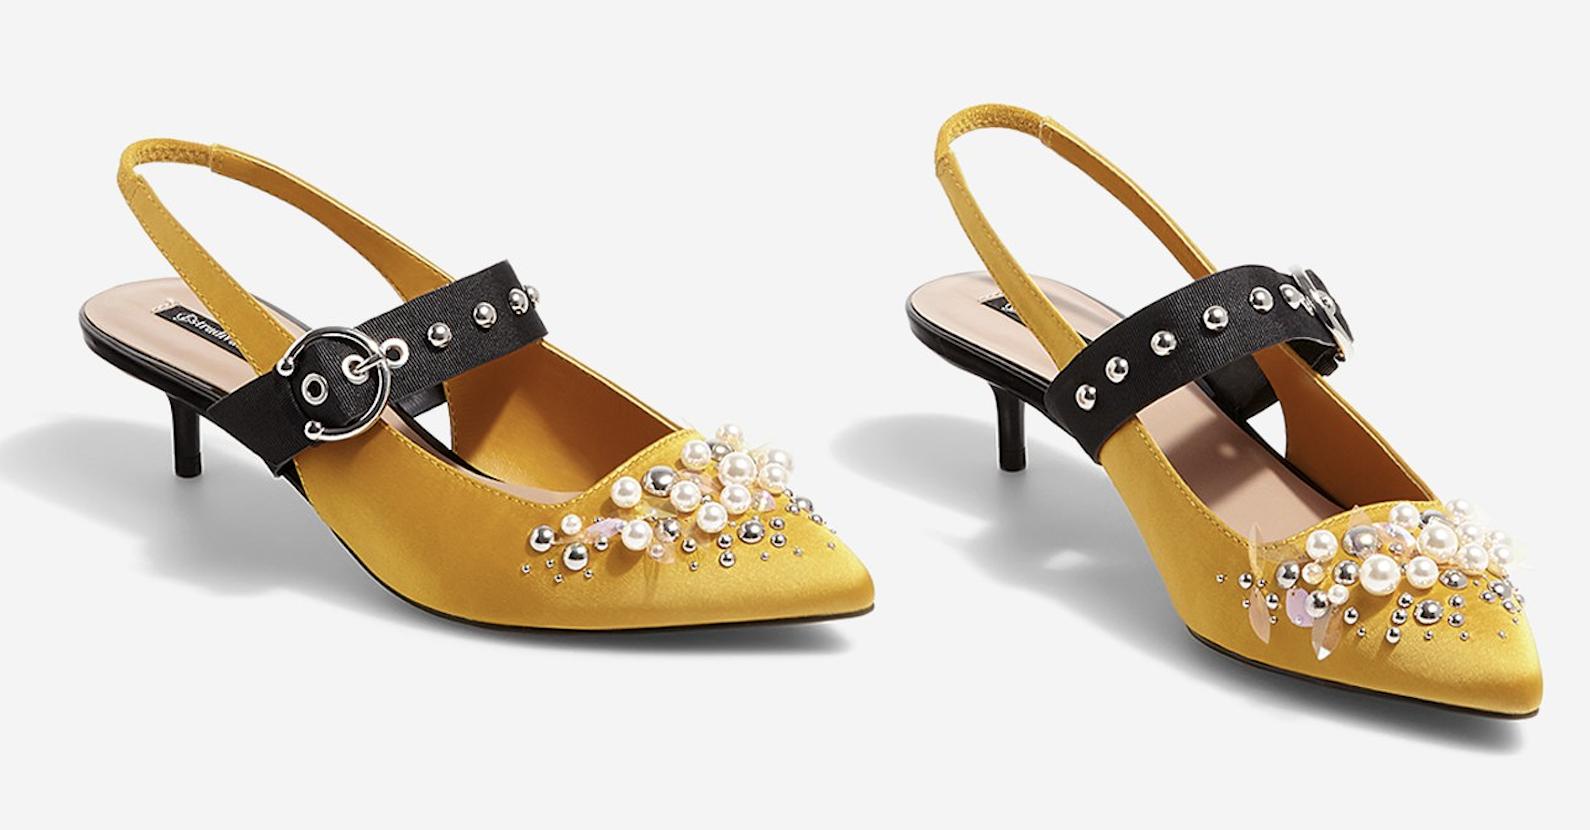 Ako tražite samo jedan par cipela, neka to budu ove ljepotice!